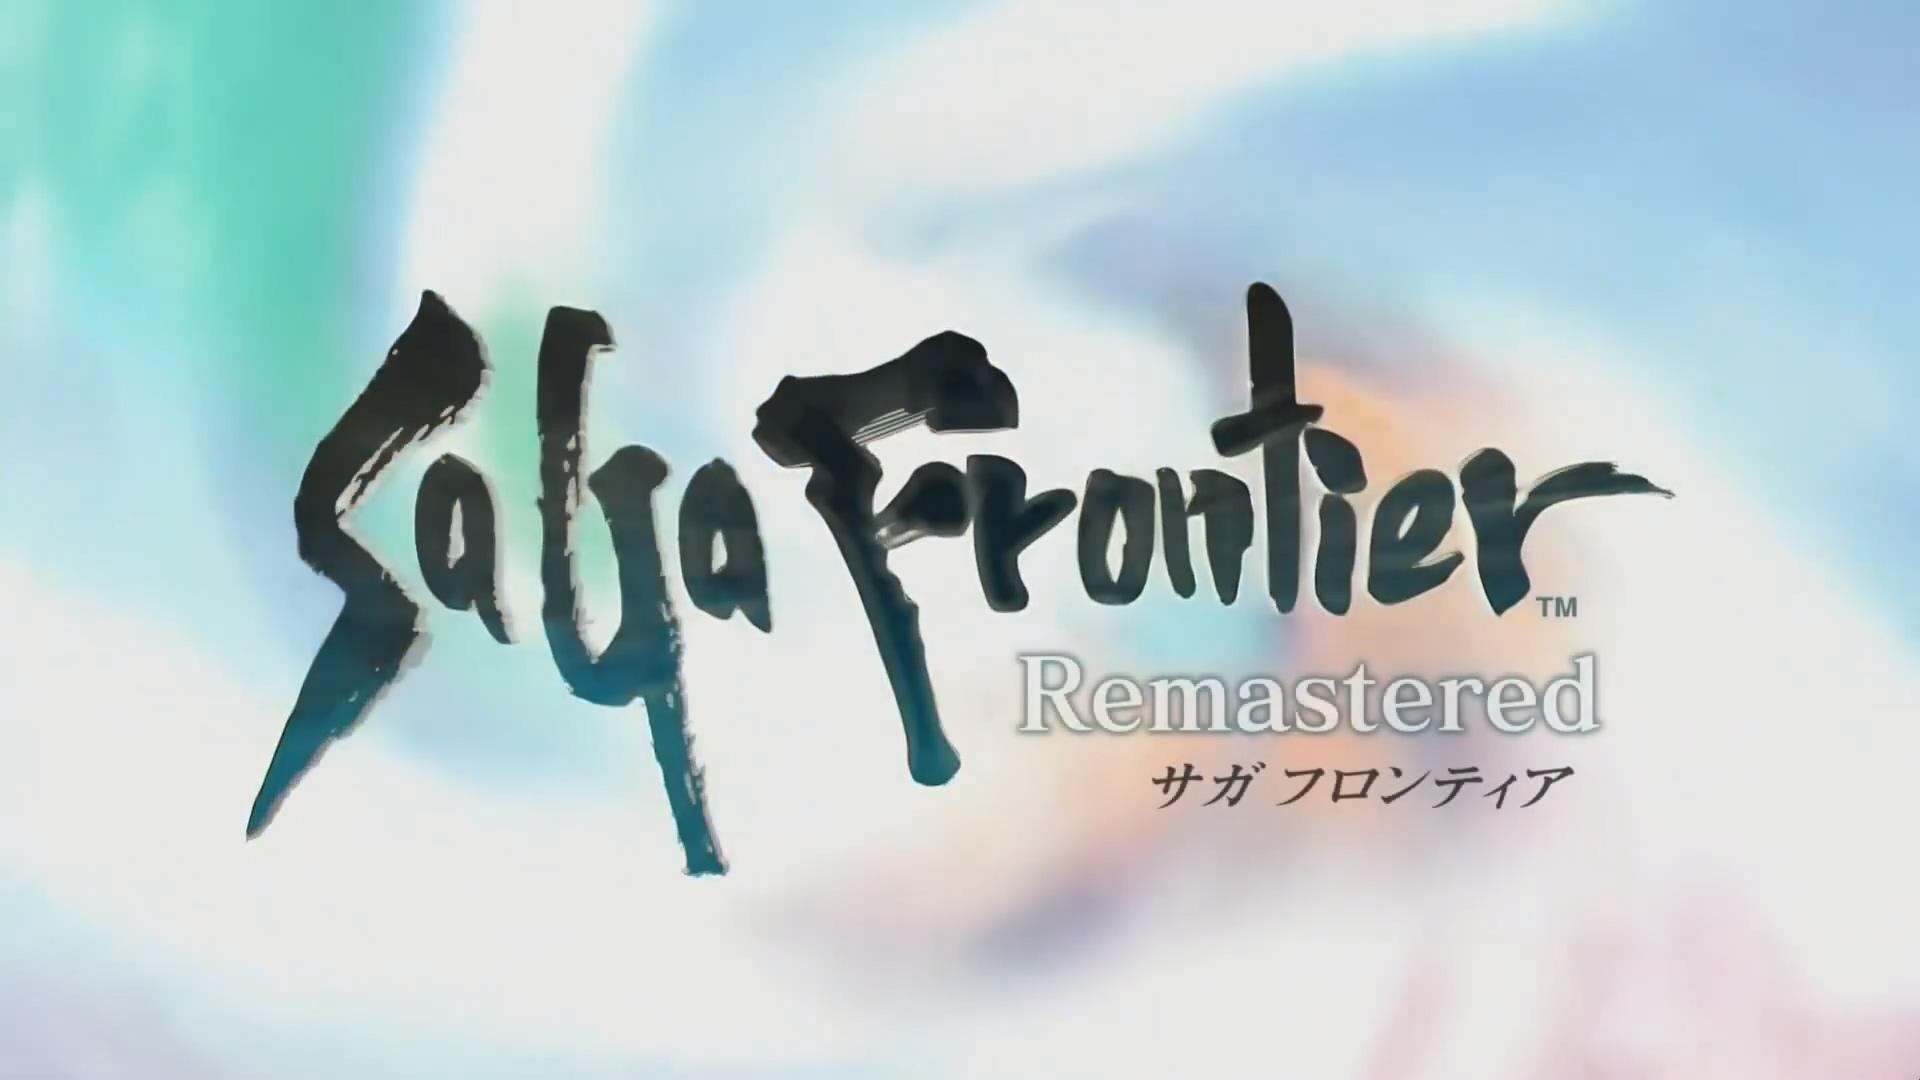 《沙加开拓者:复刻版》新预告片 2021年夏季发售